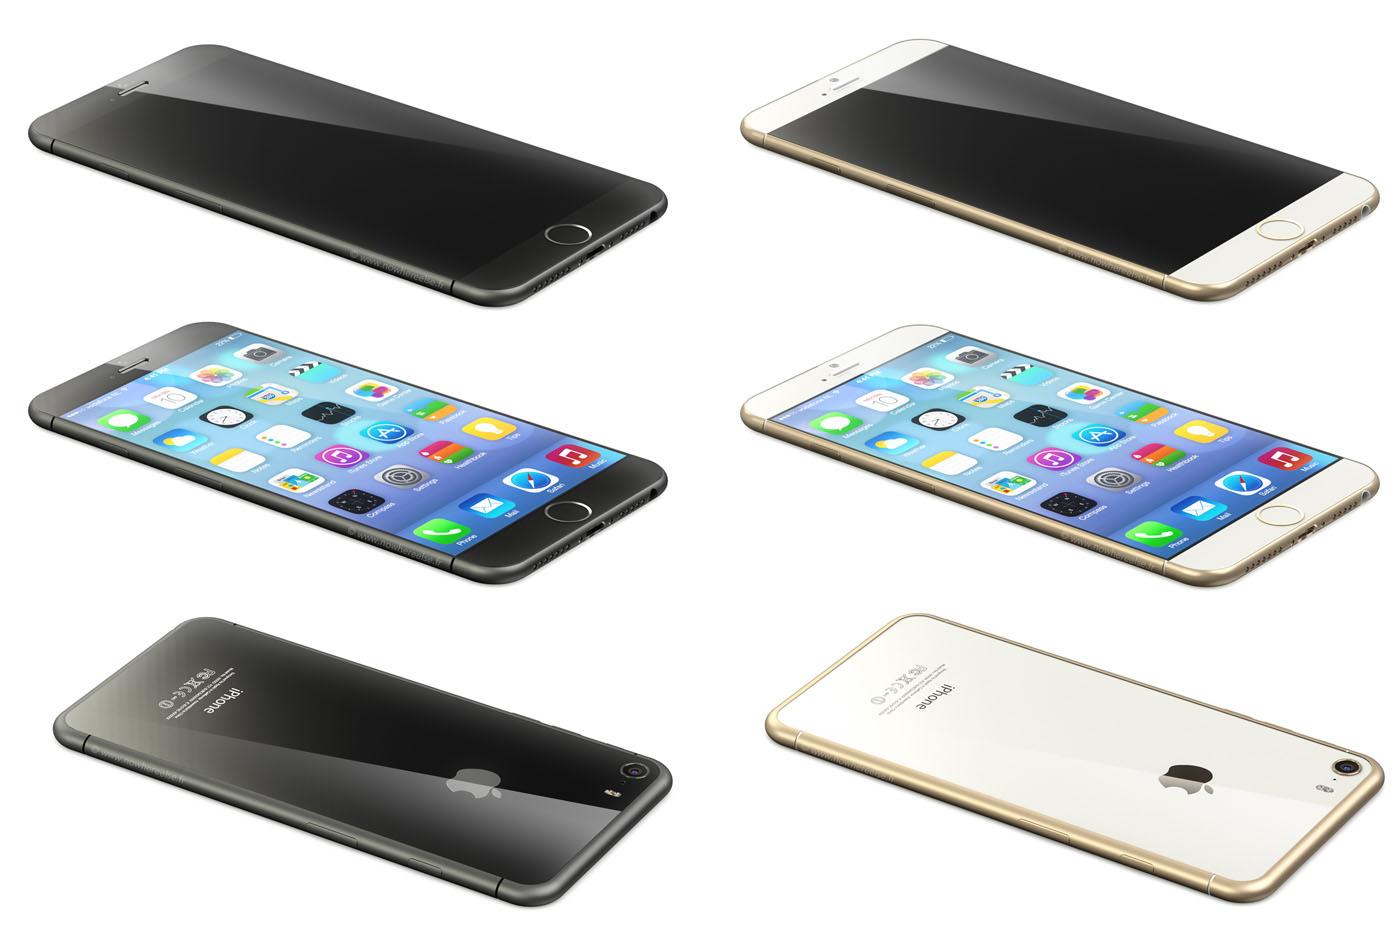 Uitgelekt: 'foto's tonen grotere iPhone 6 in Foxconn-fabriek'